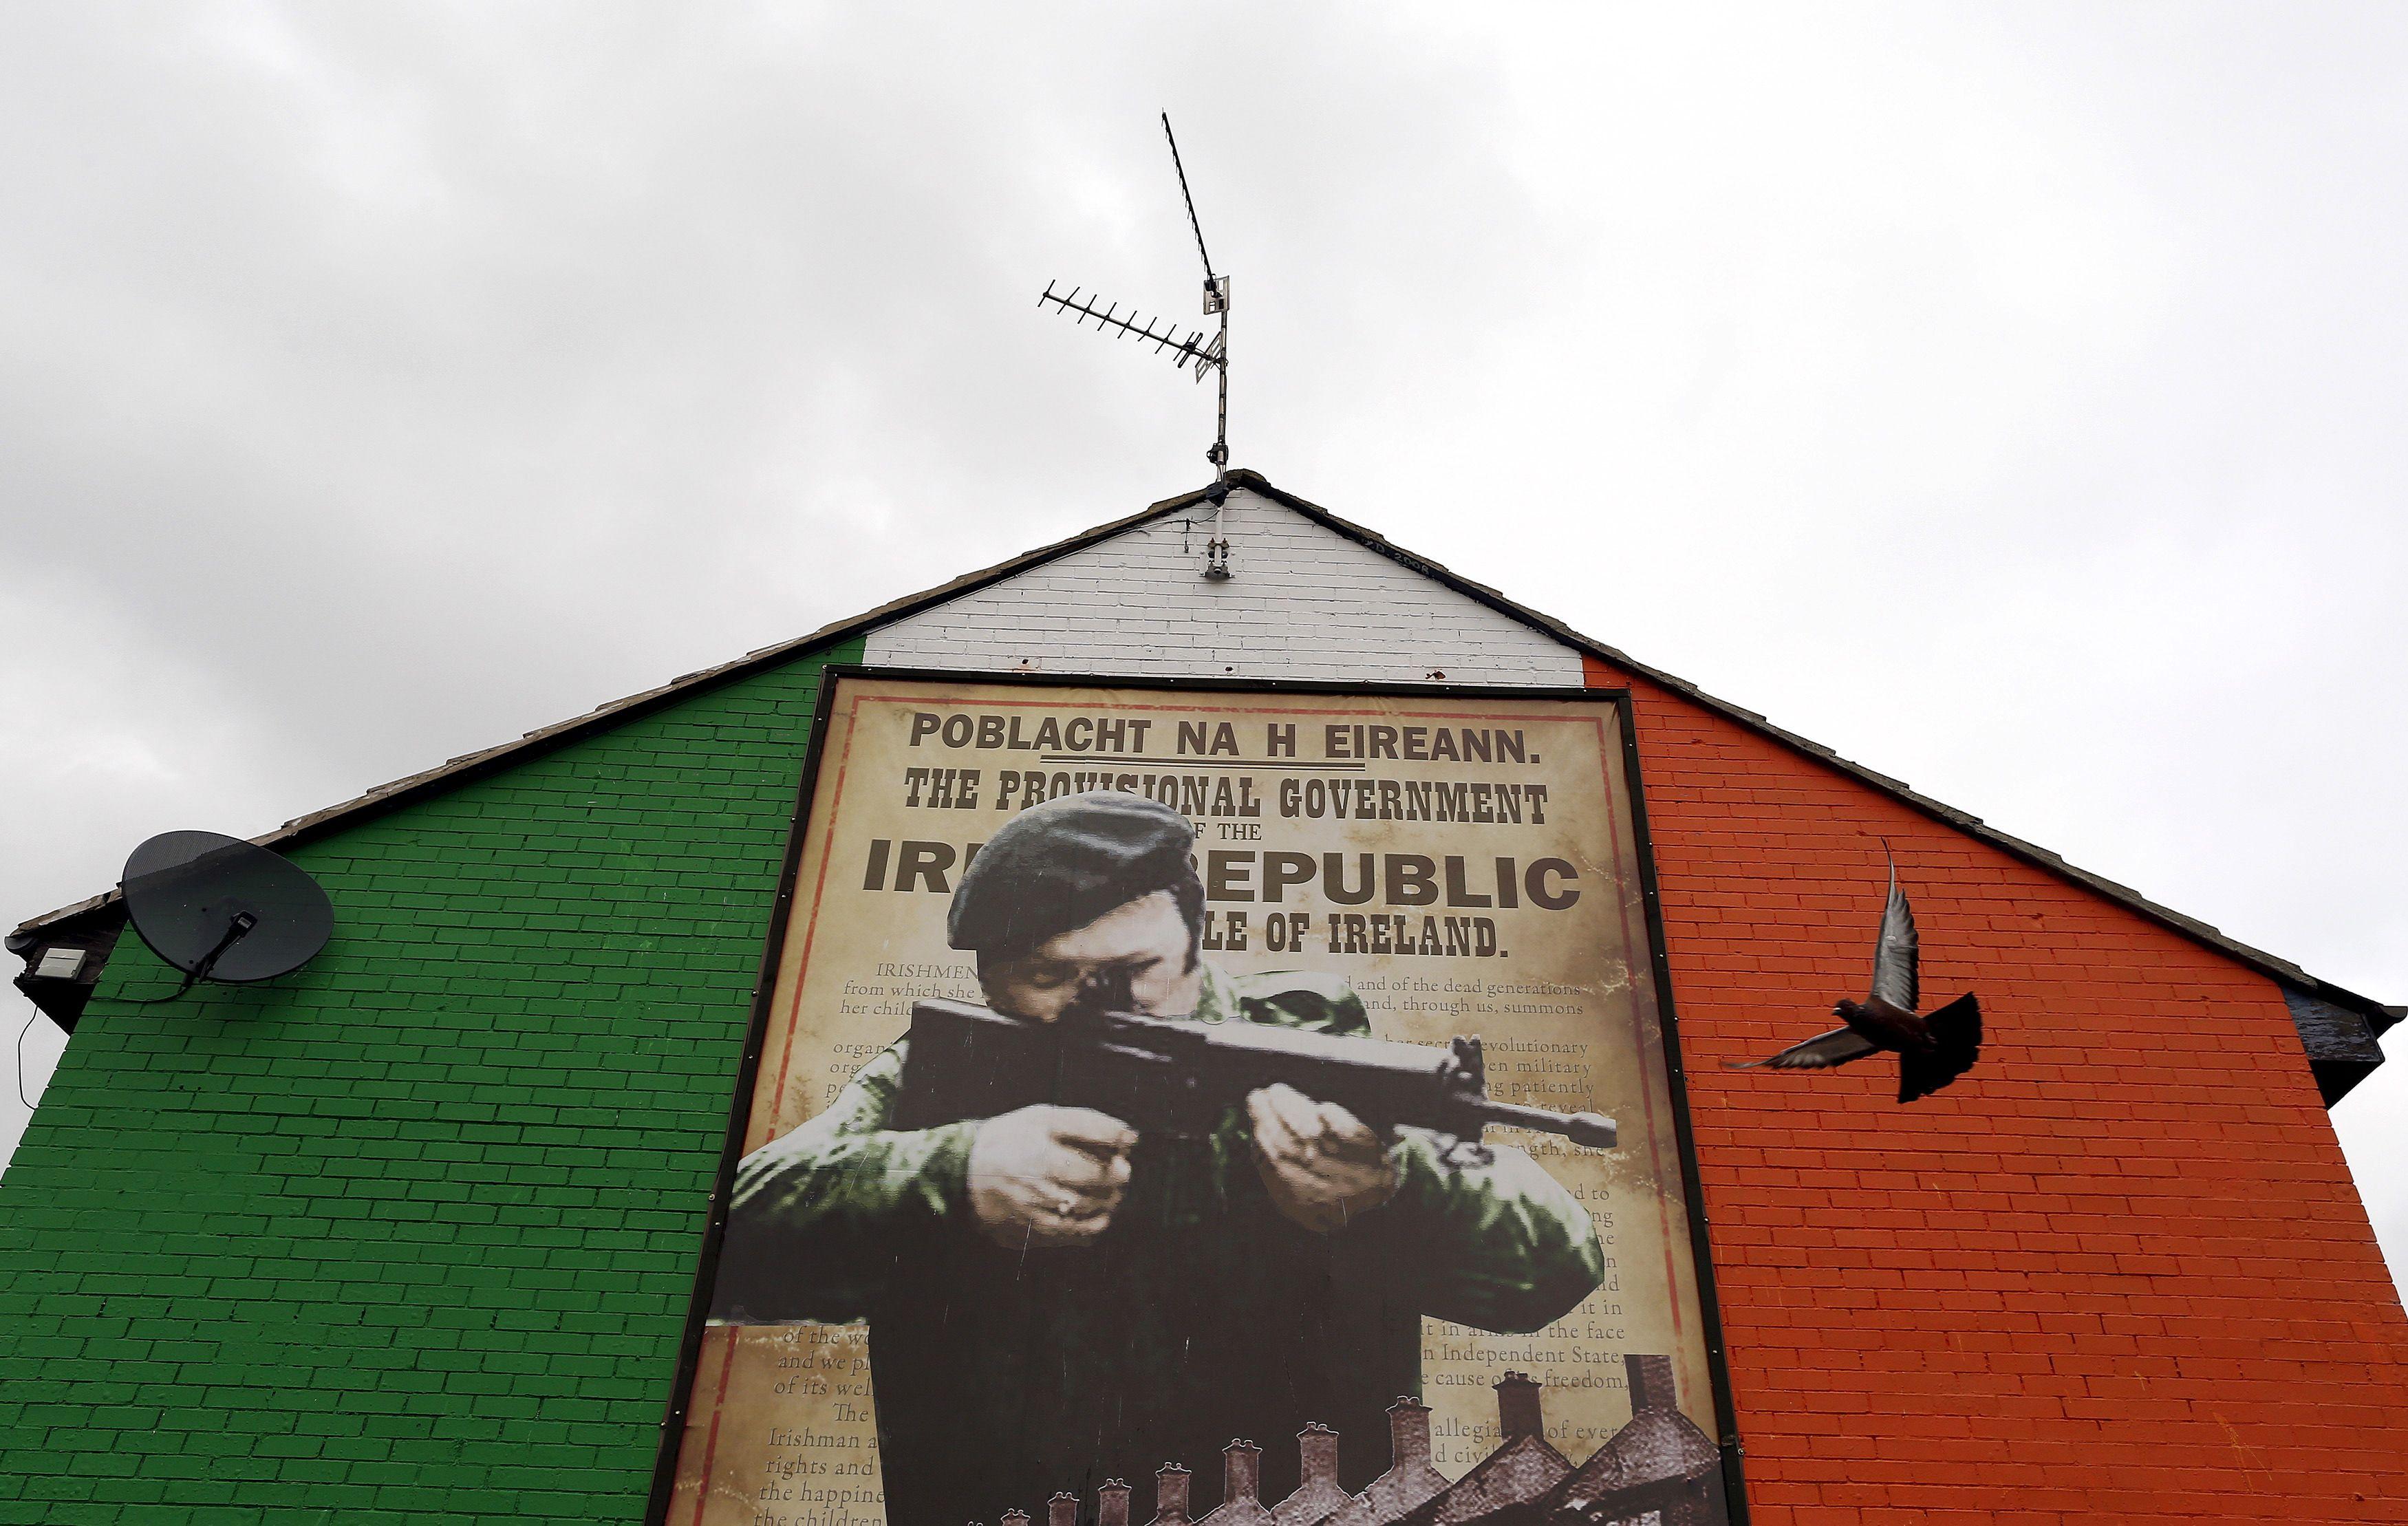 Quand le terrorisme est là pour durer : ETA, IRA, Fraction armée rouge, etc... ce que le 20e siècle nous apprend sur l'impact politique et social de la violence politique en Europe